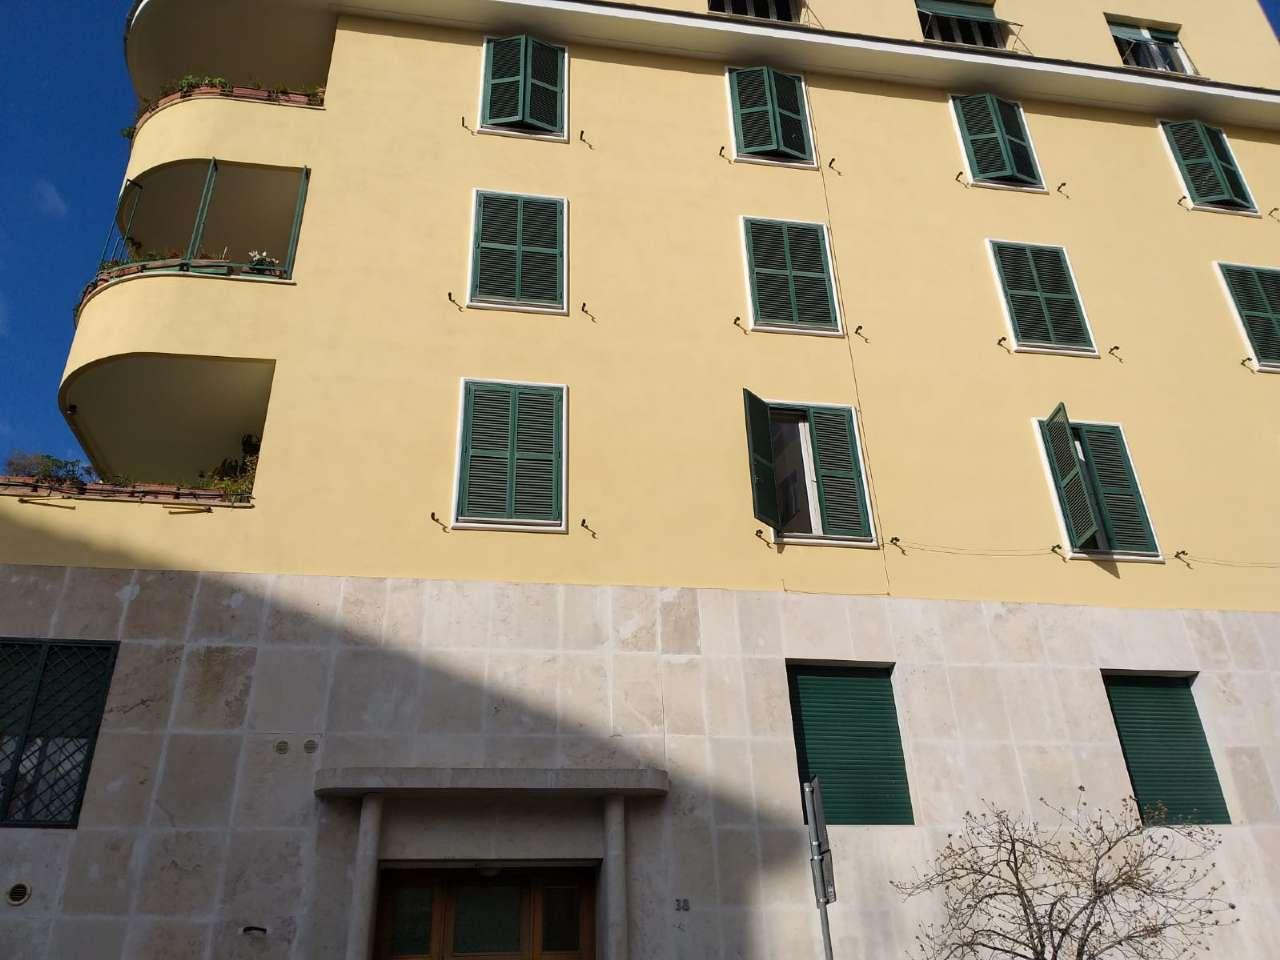 Appartamento in vendita a Roma, 4 locali, zona Zona: 4 . Nomentano, Bologna, Policlinico, prezzo € 598.000 | CambioCasa.it